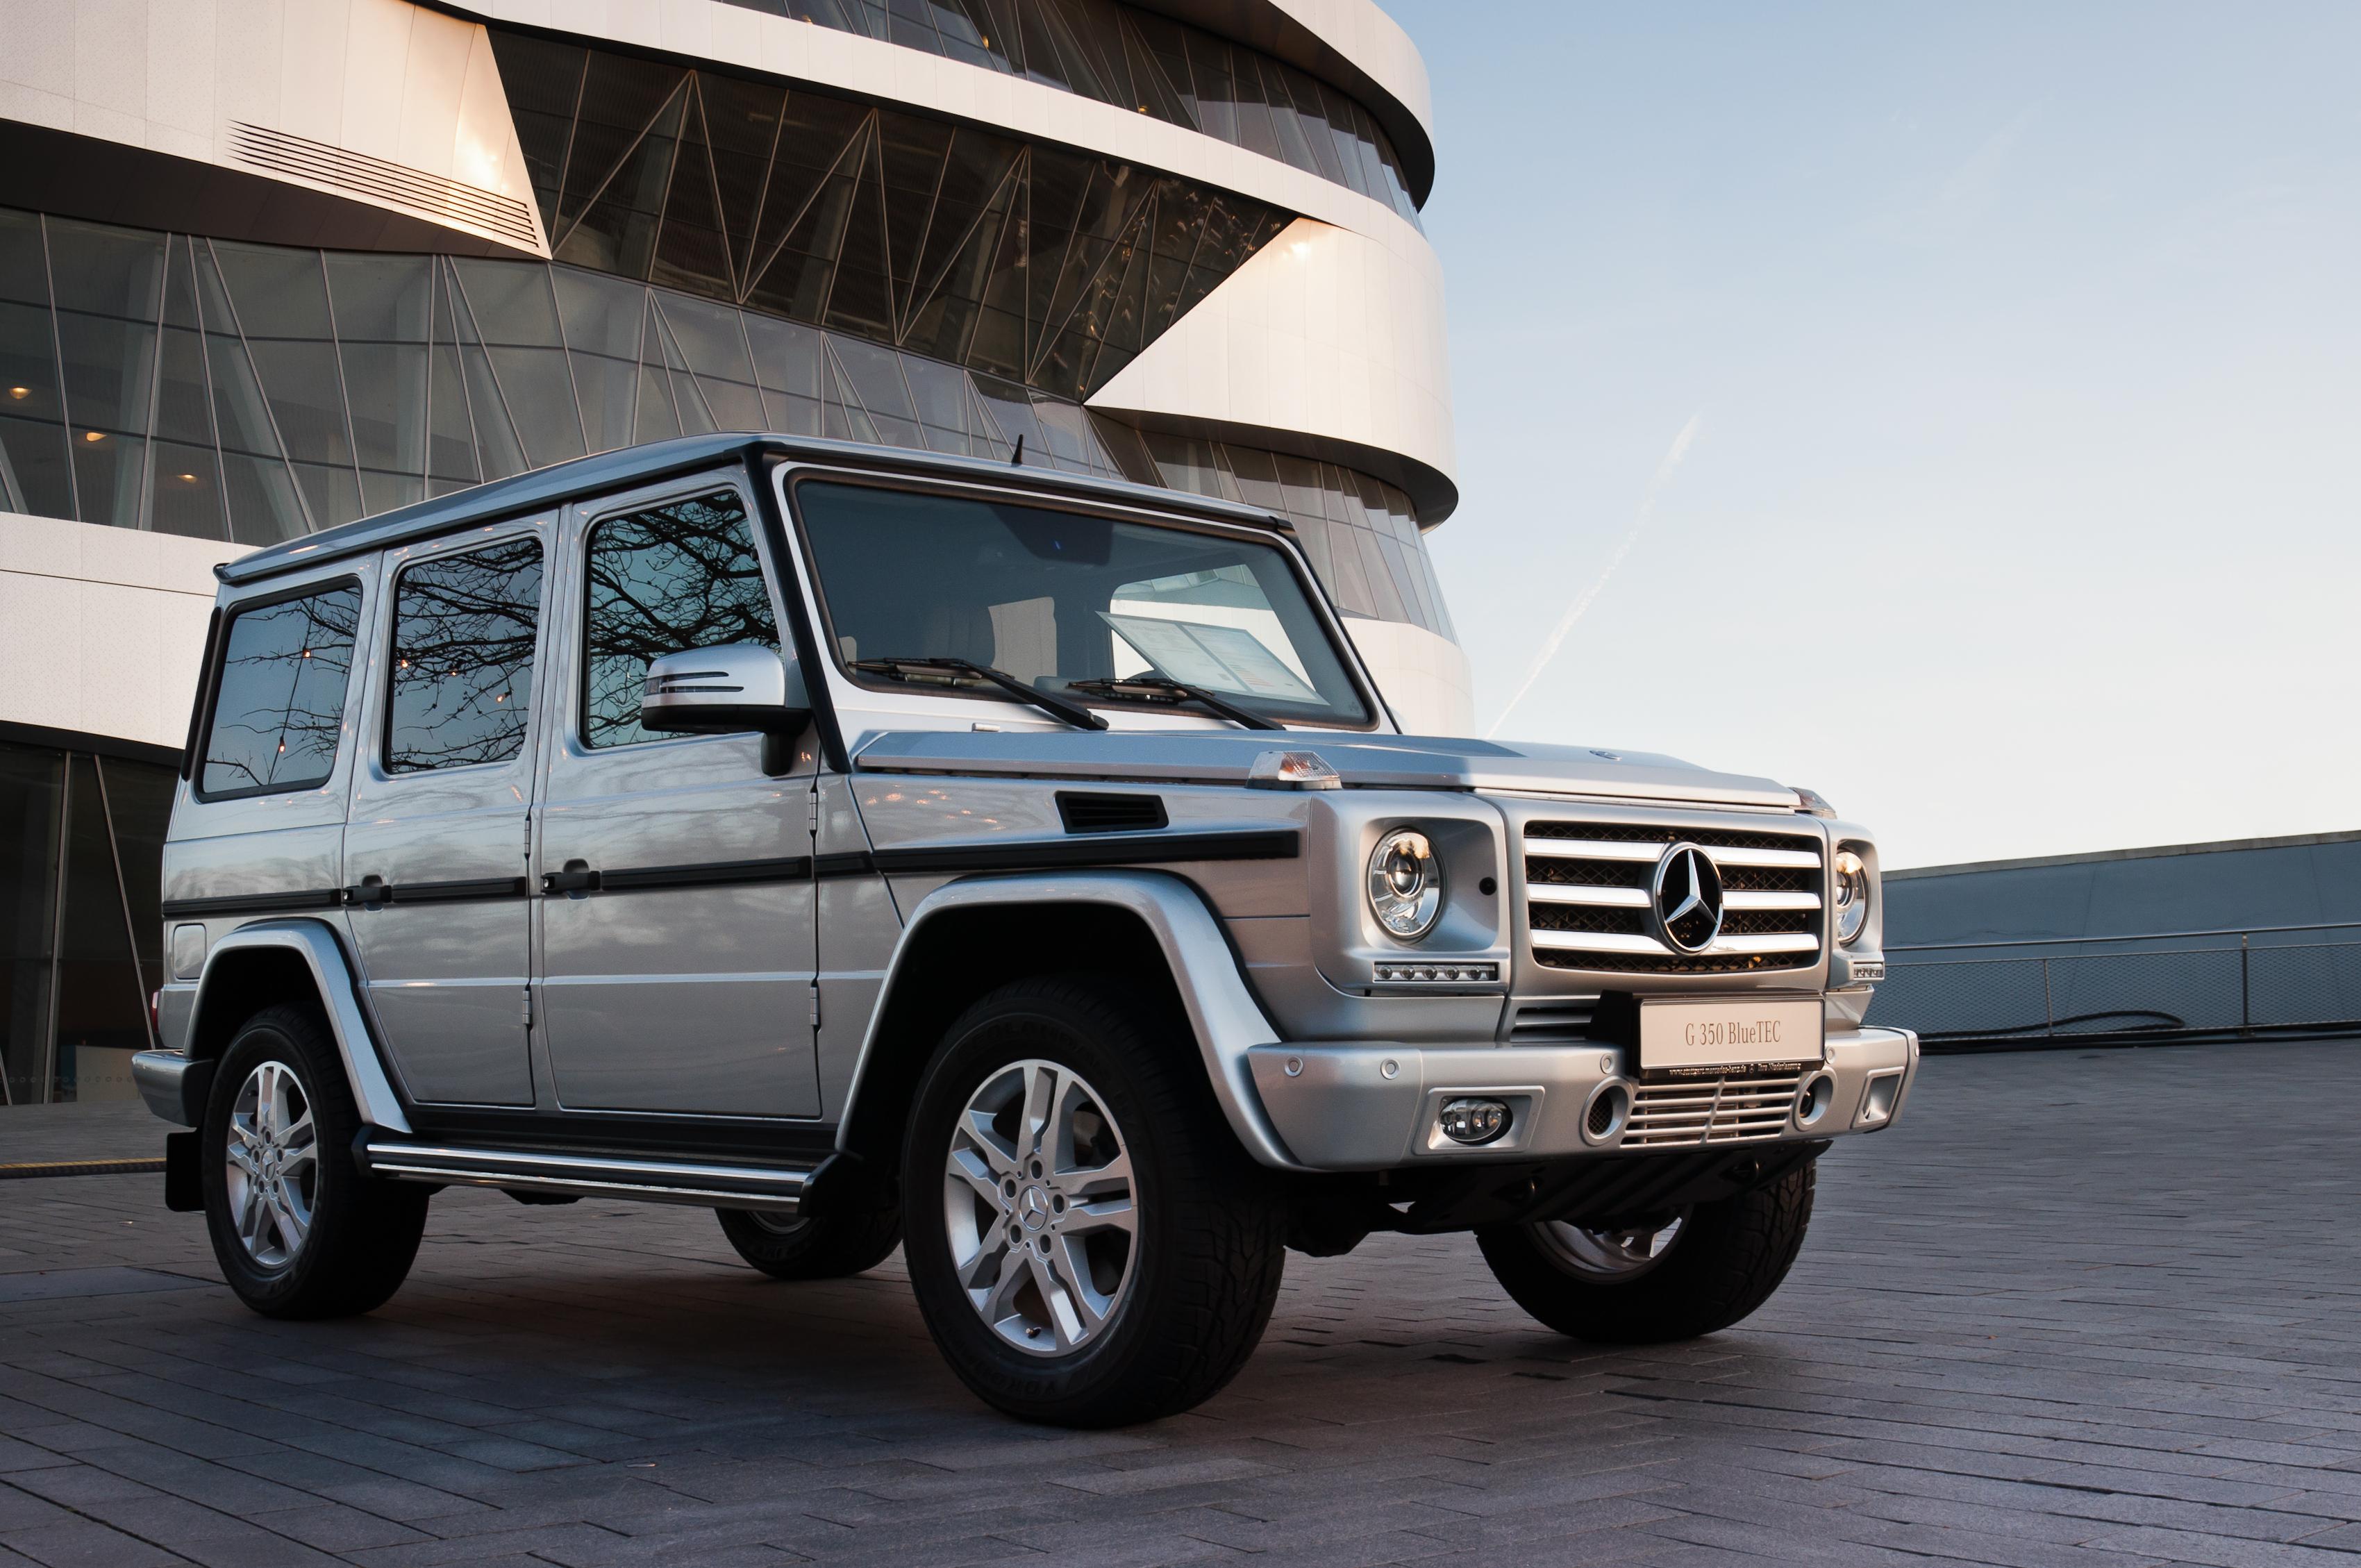 Mercedes Benz G History >> File:Mercedes-Benz W463 G 350 BlueTEC 07 Mercedes-Benz ...